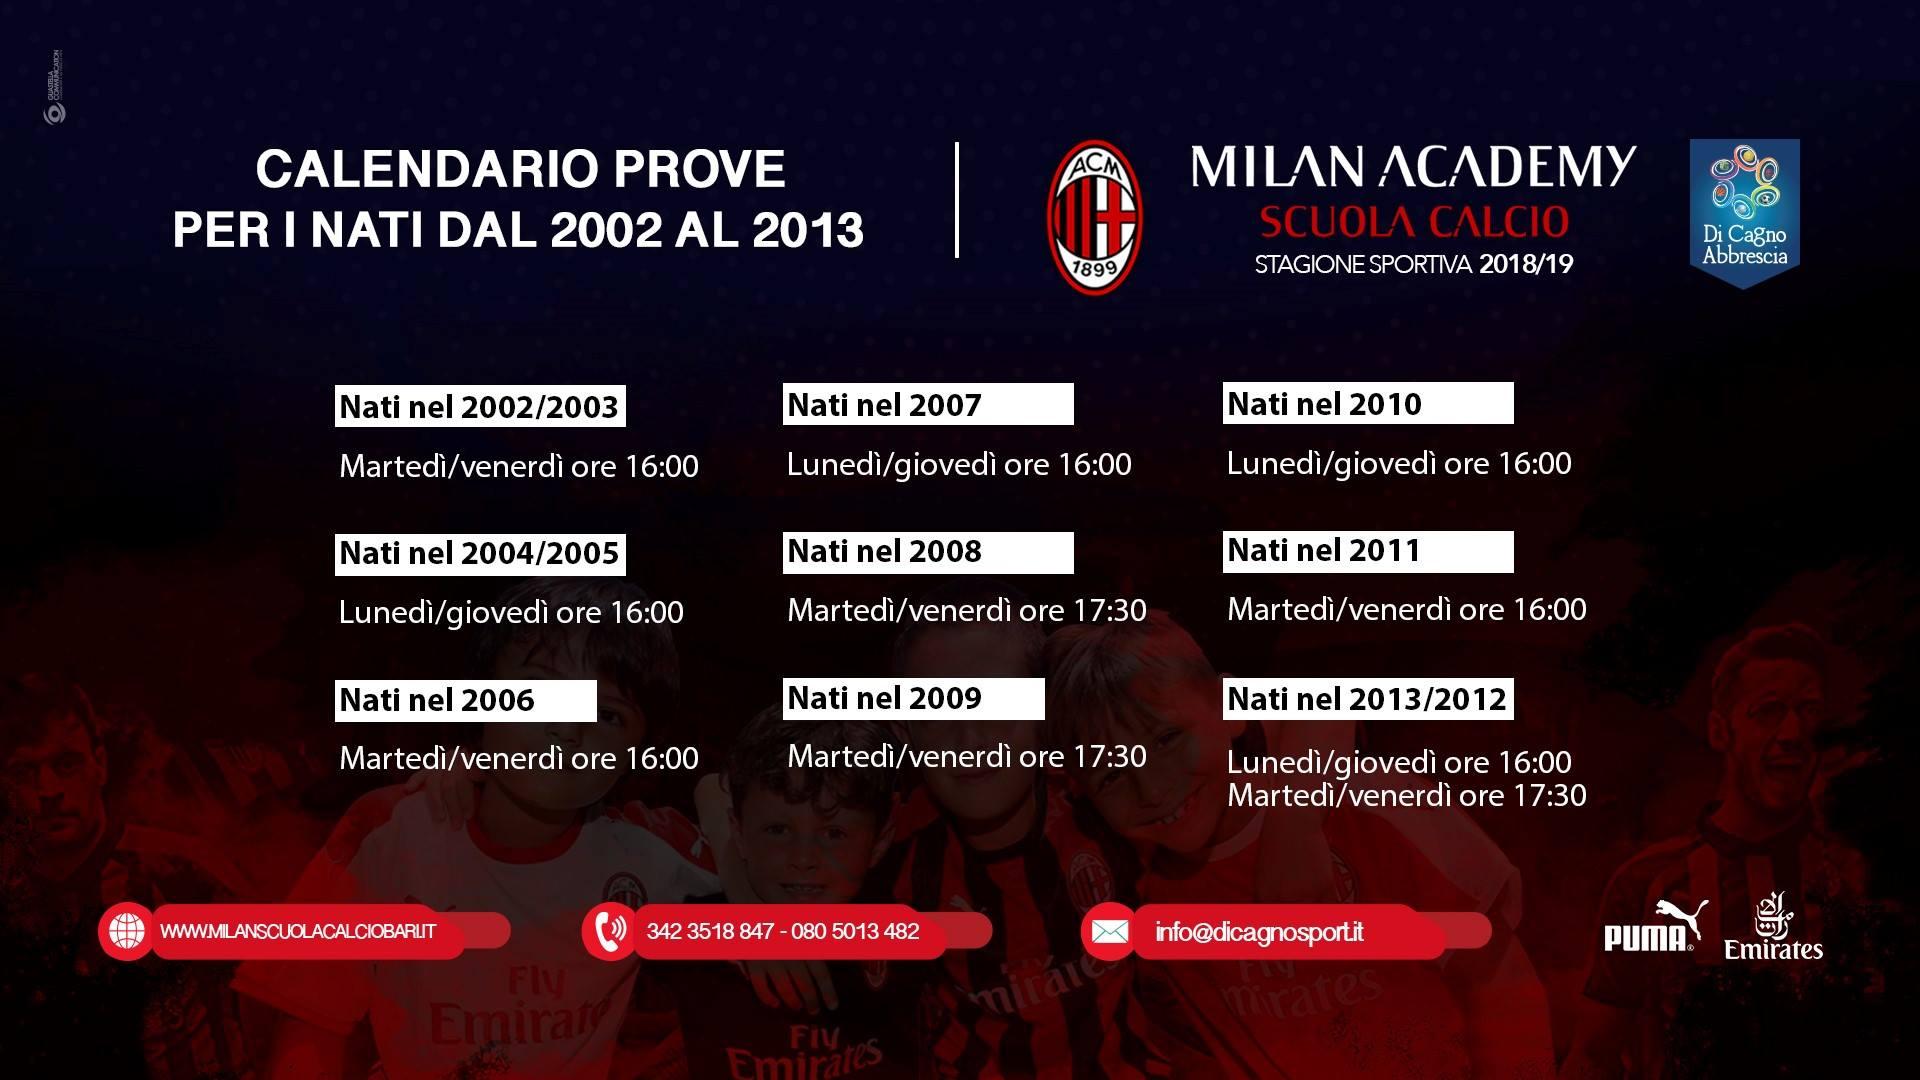 Bari Calcio Calendario.Al Via Le Iscrizioni Per La S S 2018 19 Della Scuola Calcio